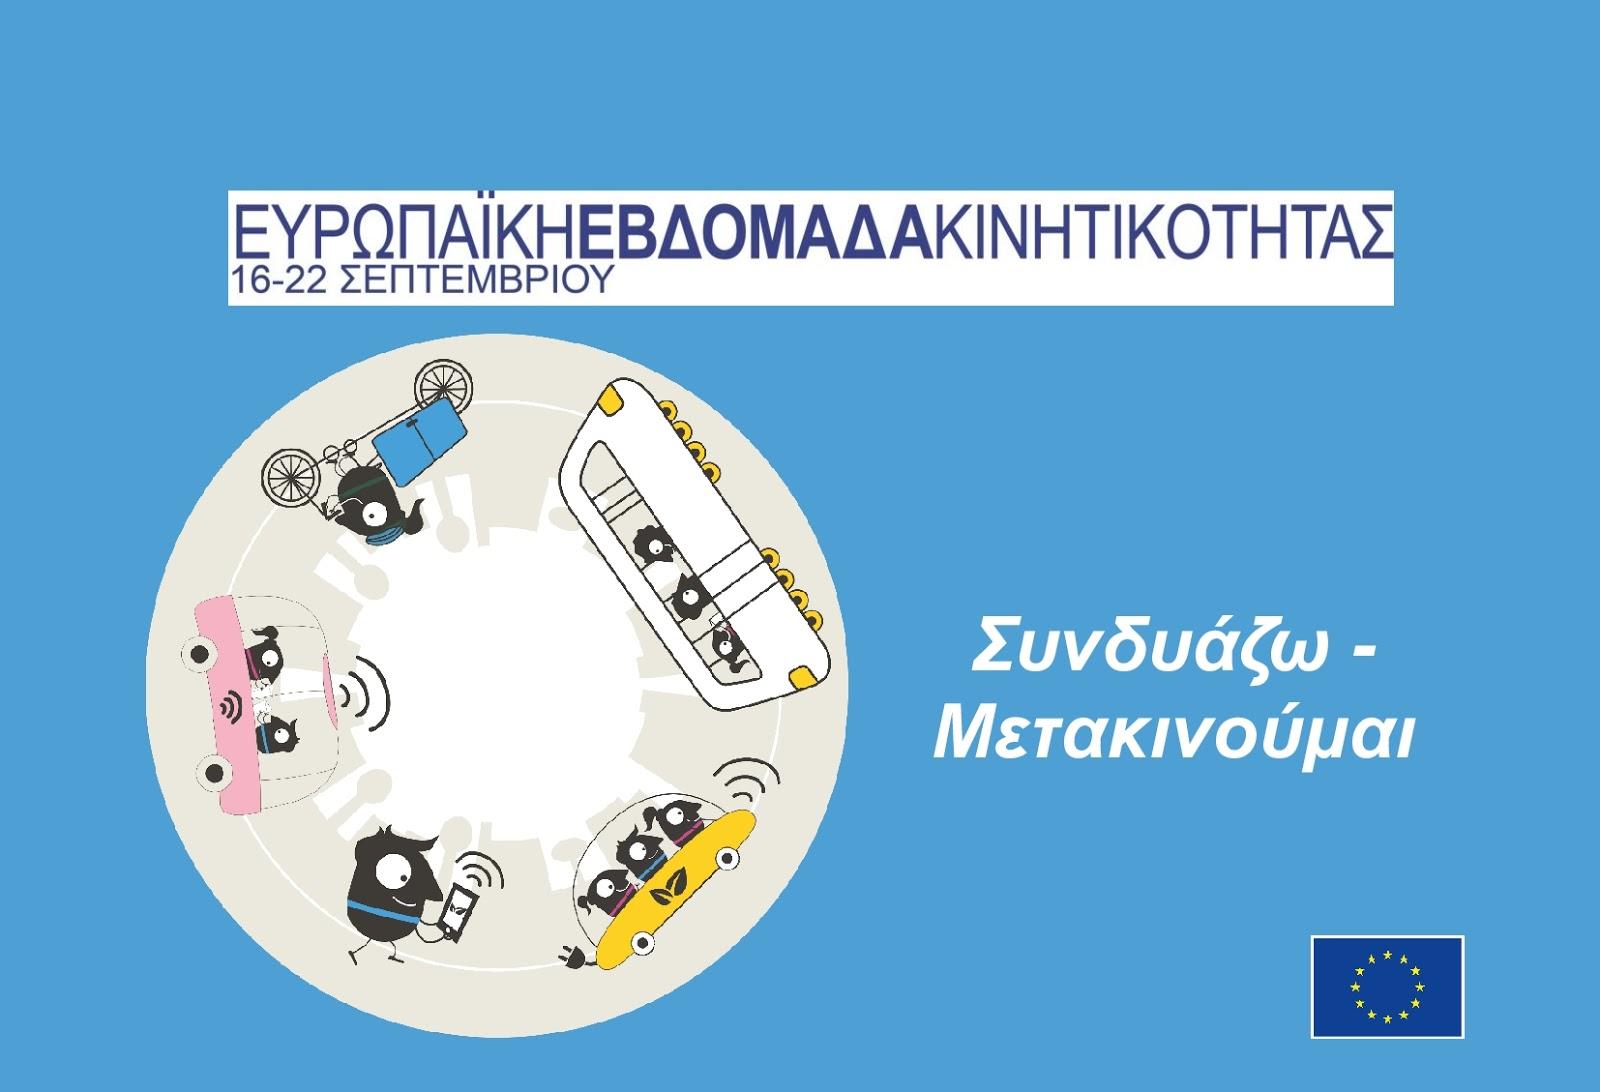 Ευρωπαϊκή Εβδομάδα Κινητικότητας στην Αθηένου με θέμα «Πράσινη μετακίνηση χωρίς ρύπους για όλους»